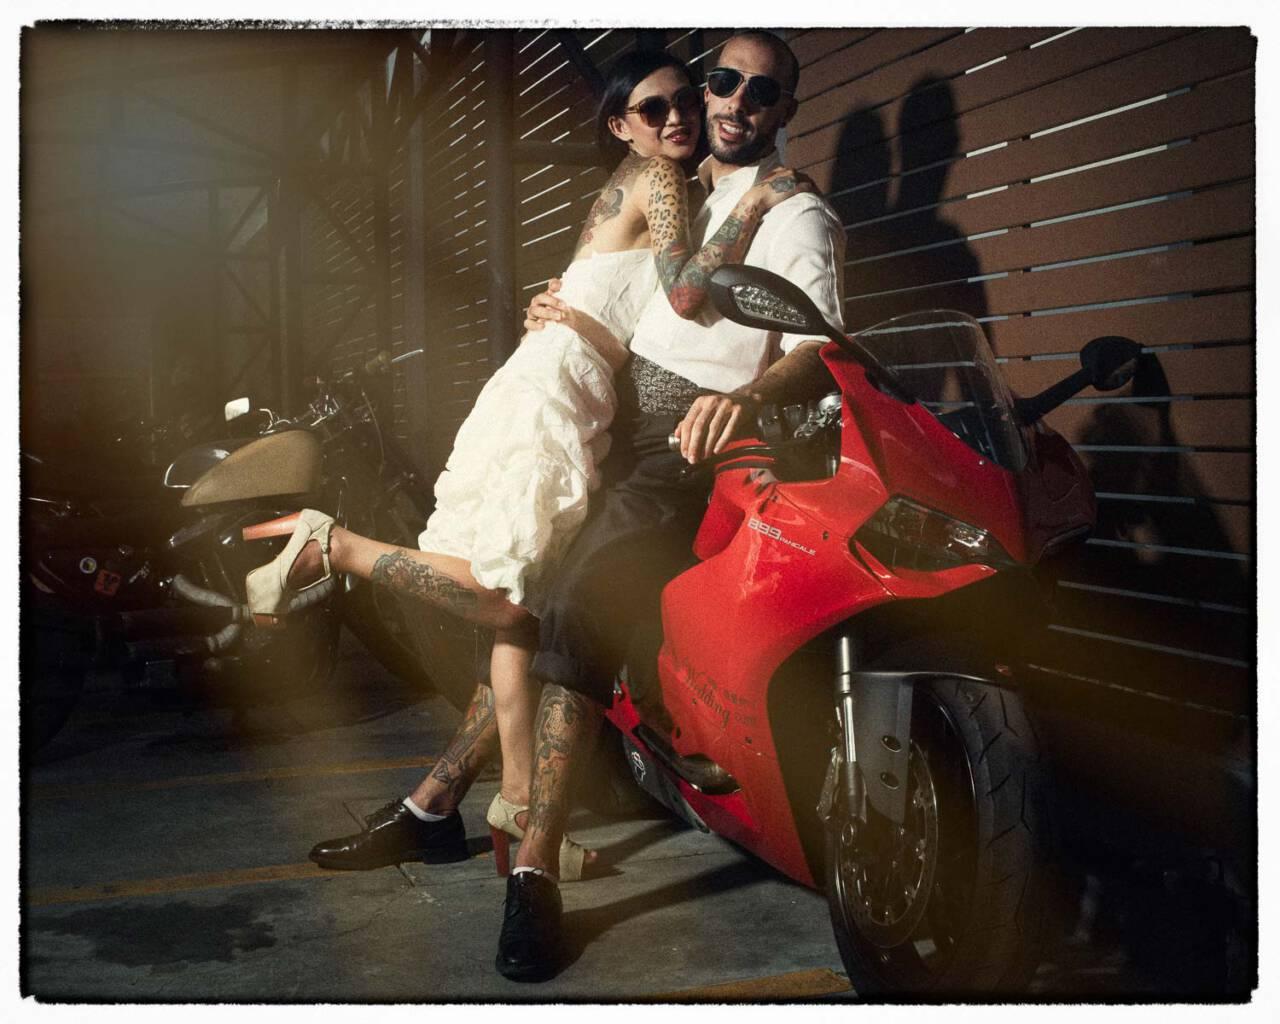 Rock & Roll Bride - Photo shoot Chiang Mai